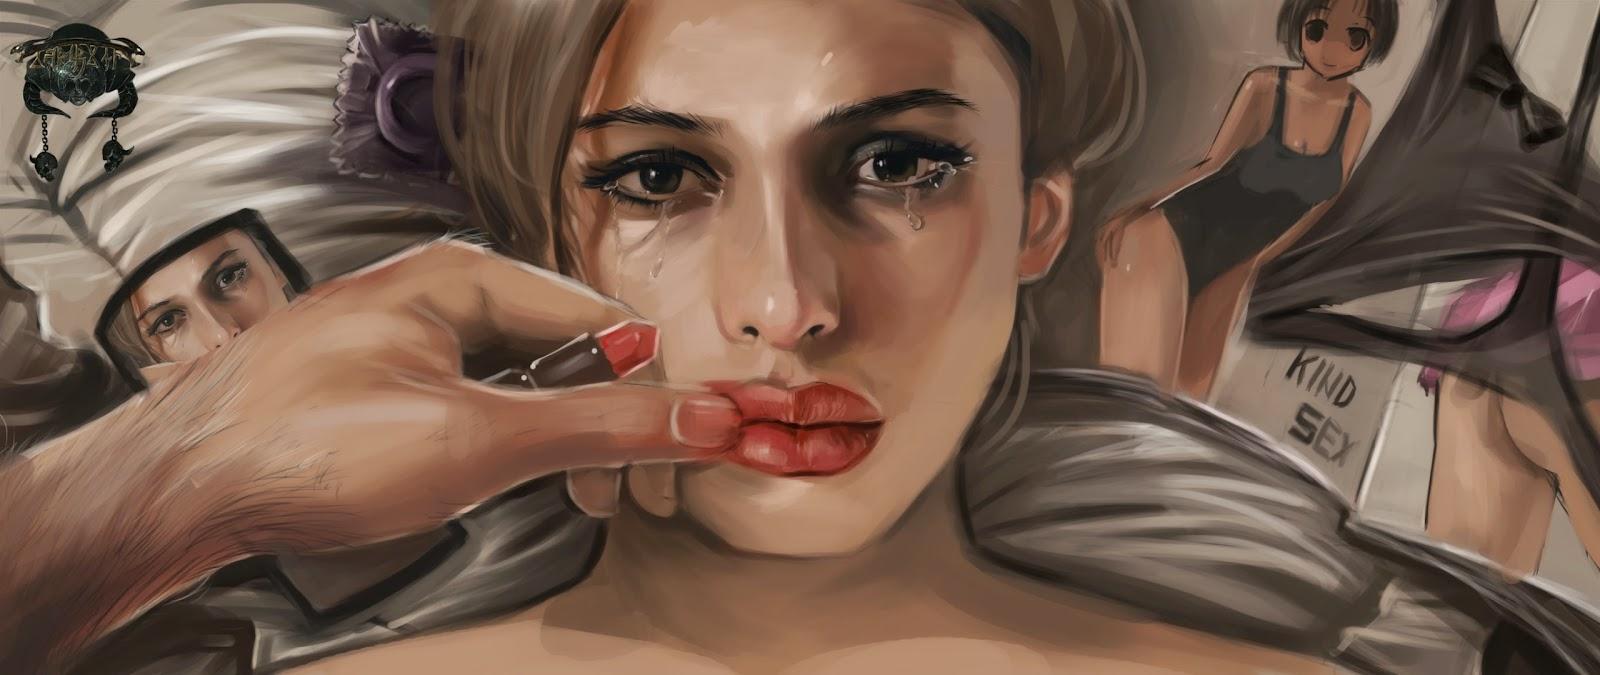 Сладкие пытки в сексе фото 791-617